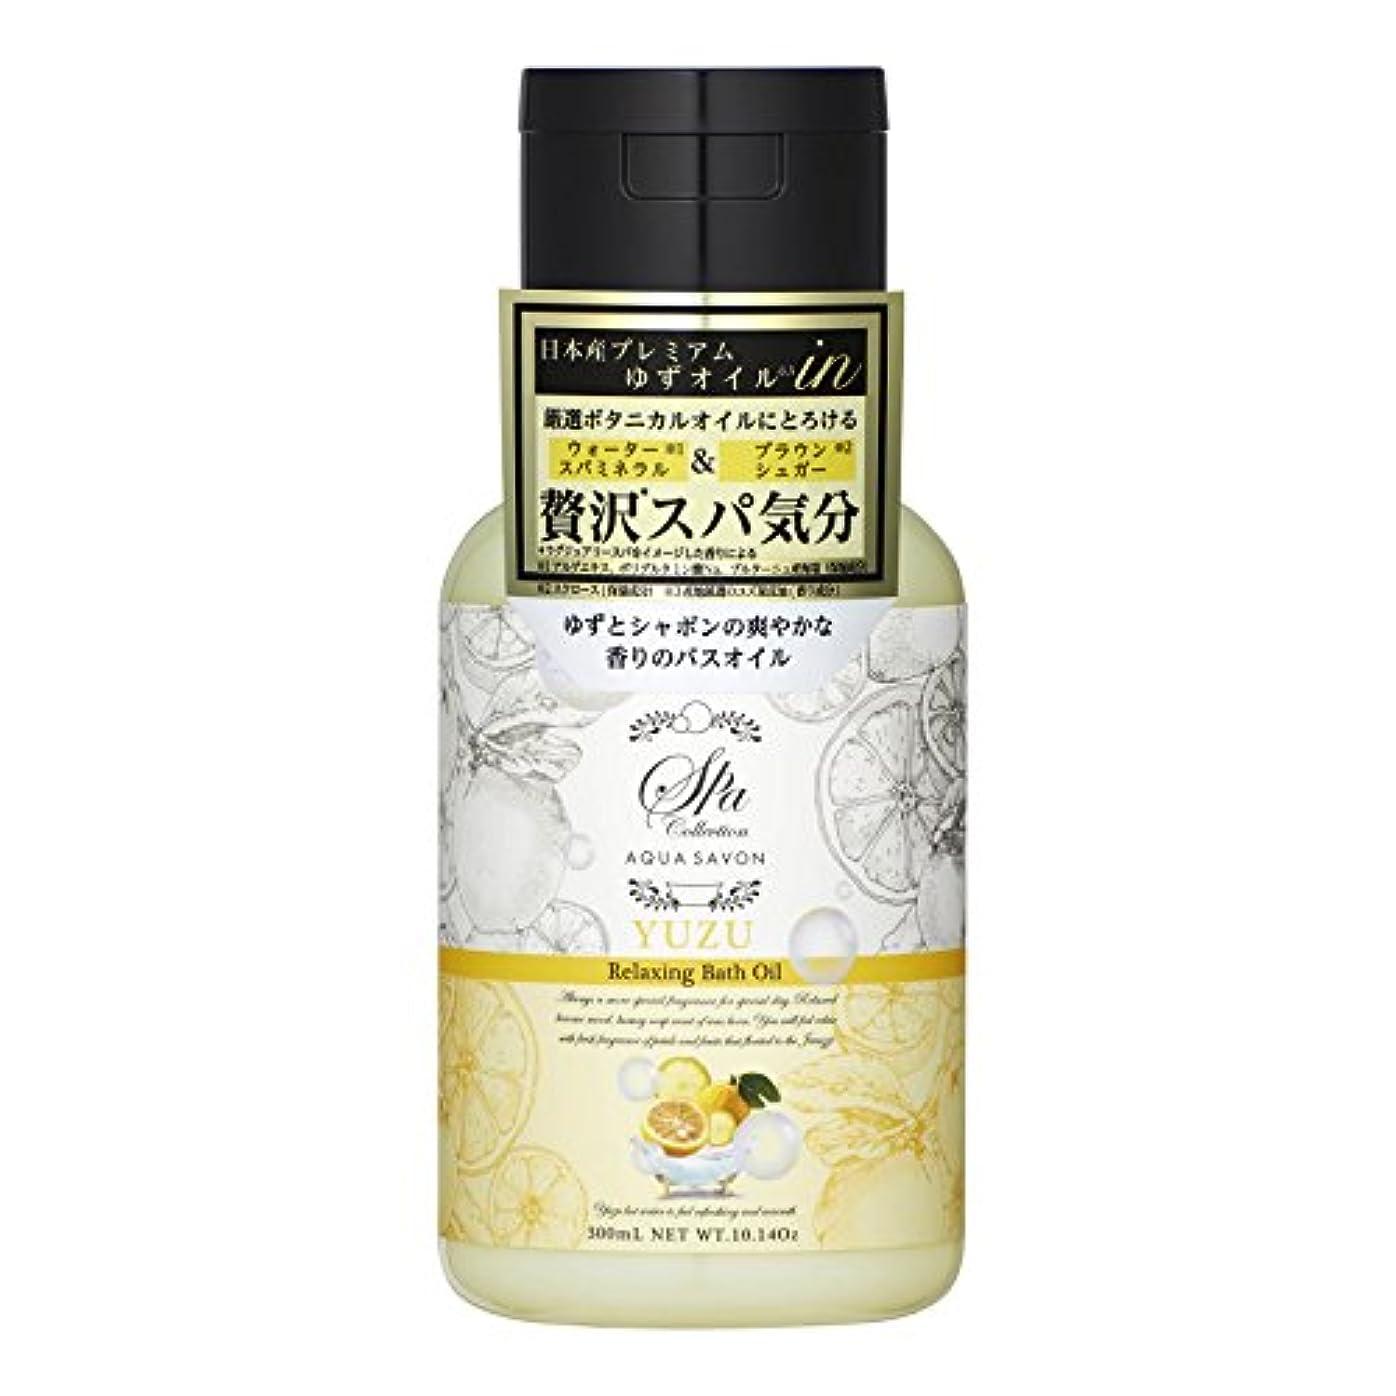 春醜い素晴らしいアクアシャボン スパコレクション リラクシングバスオイル ゆずスパの香り 300mL